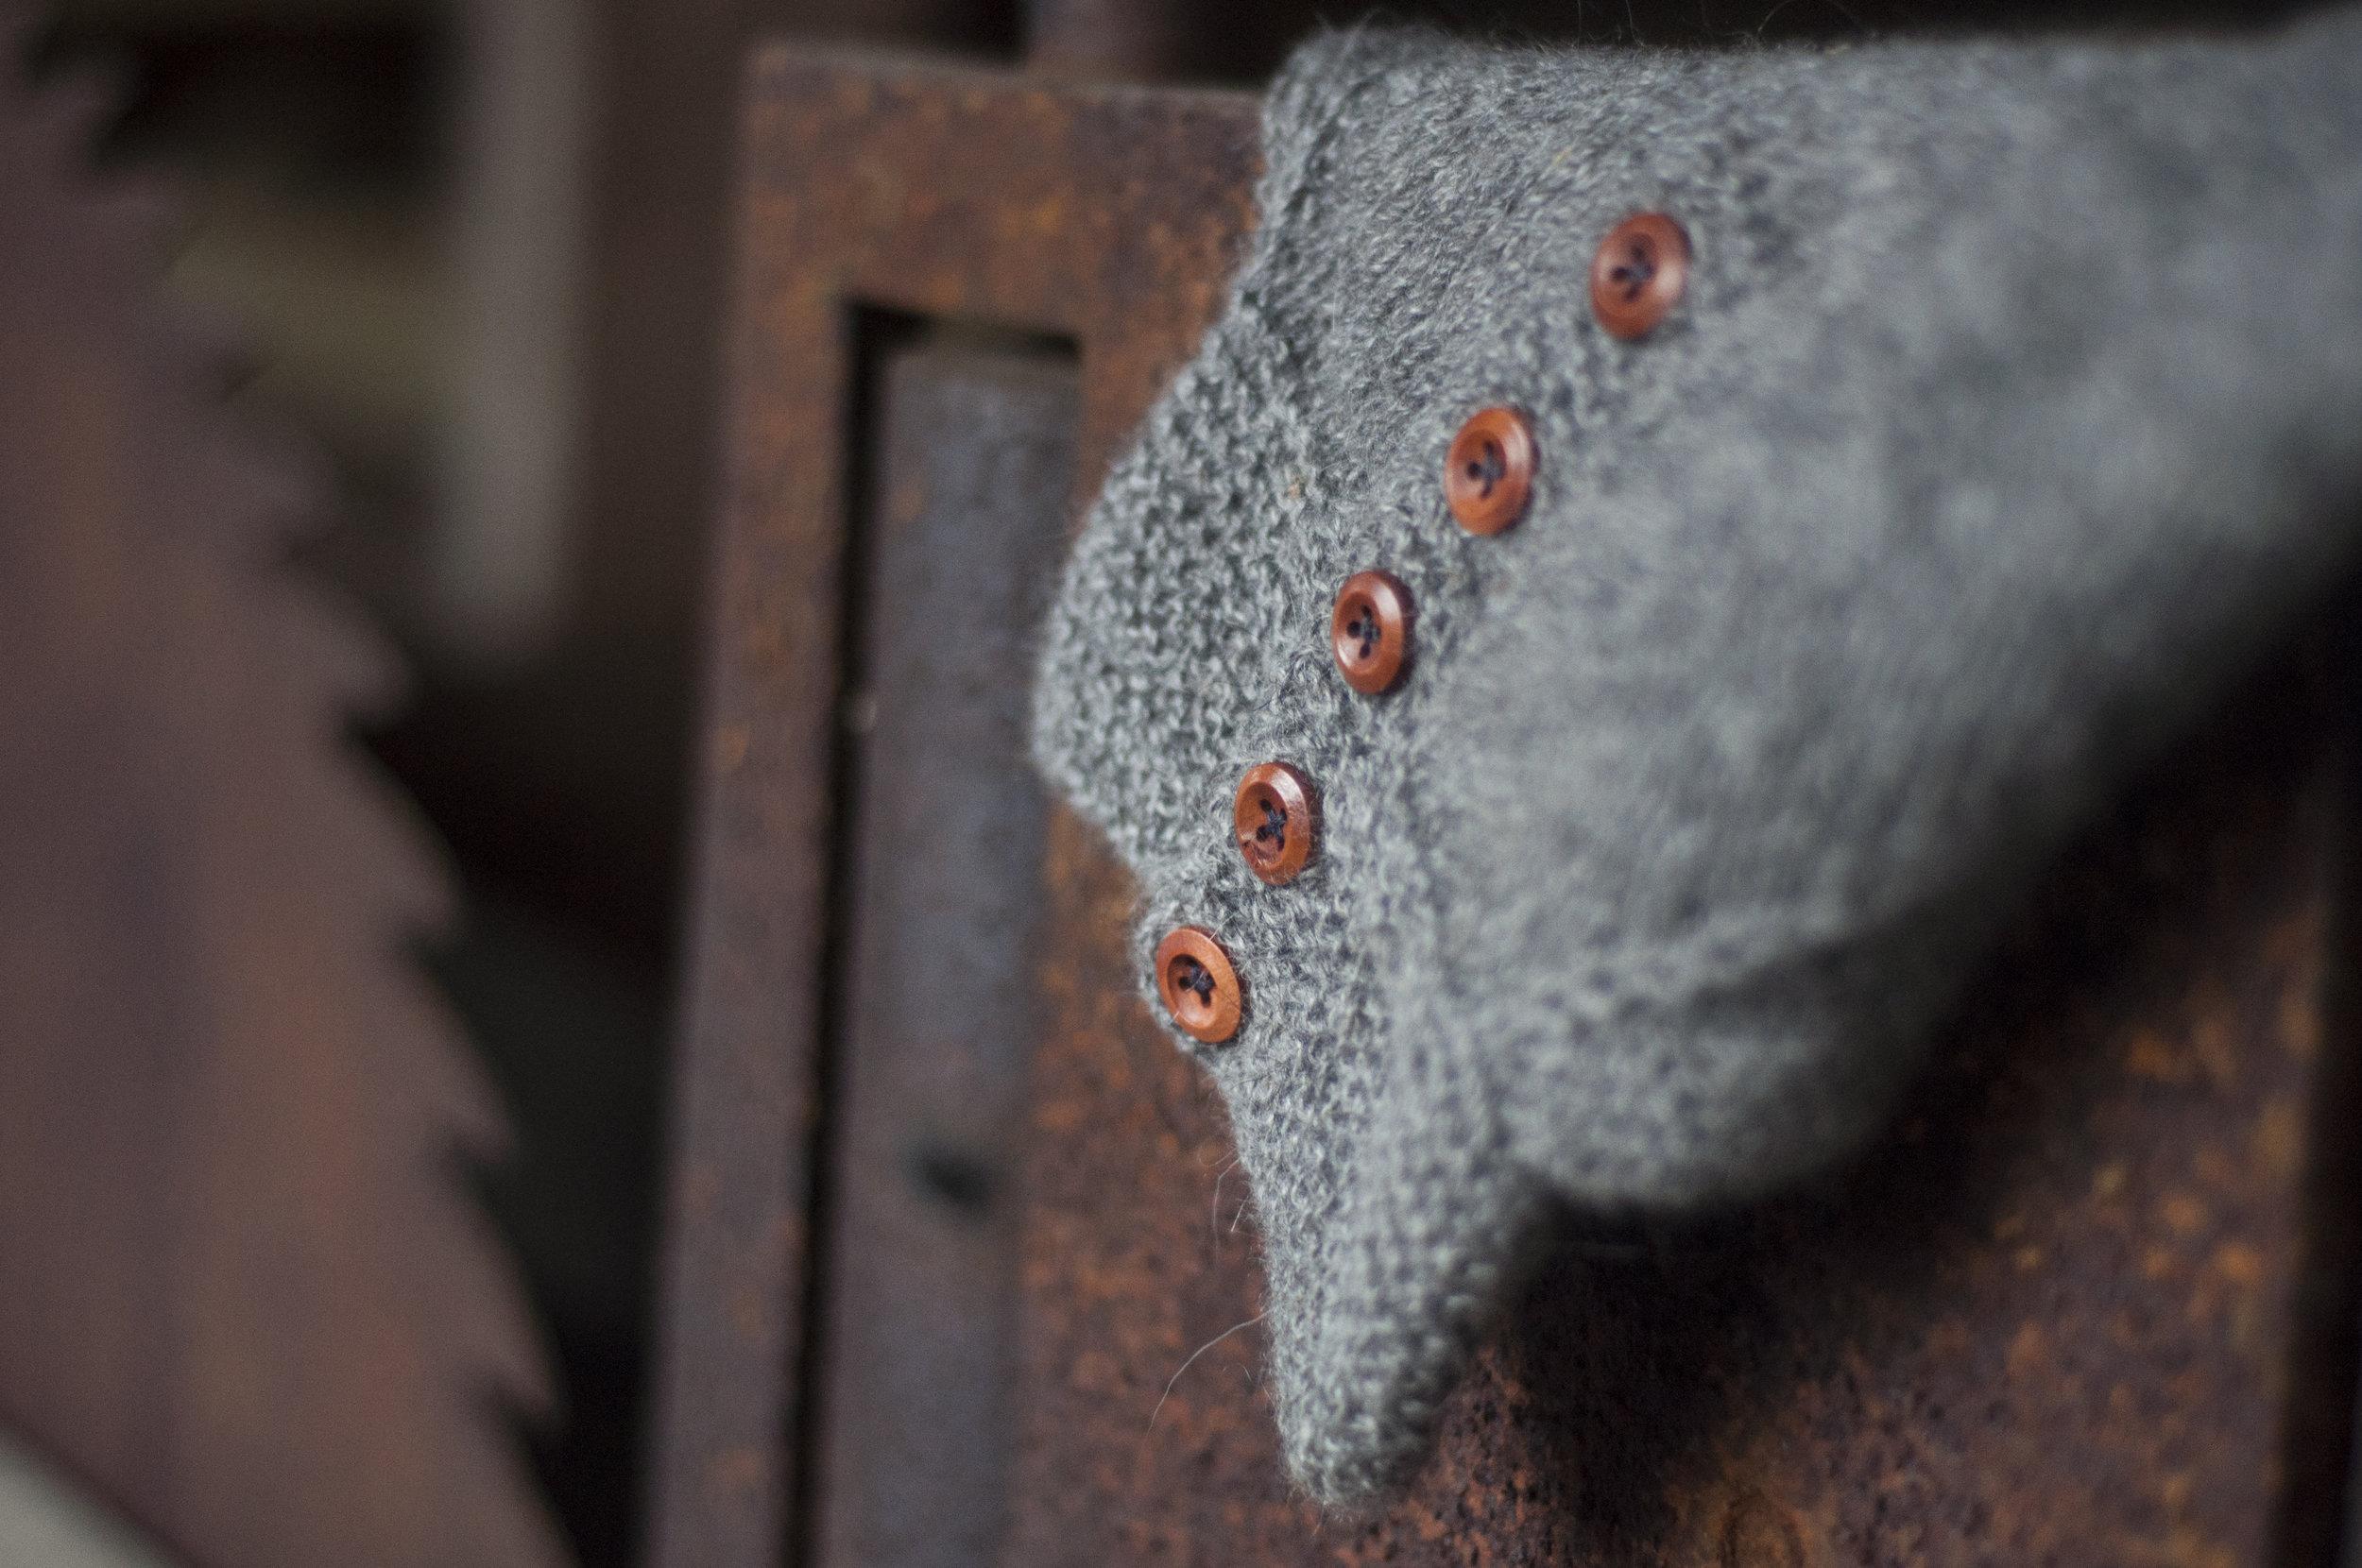 Røff saueull, treknapper, rust og sagtenner. Treknappene plukker opp fargen i rusten og strukturene skaper en interessant kontrast.